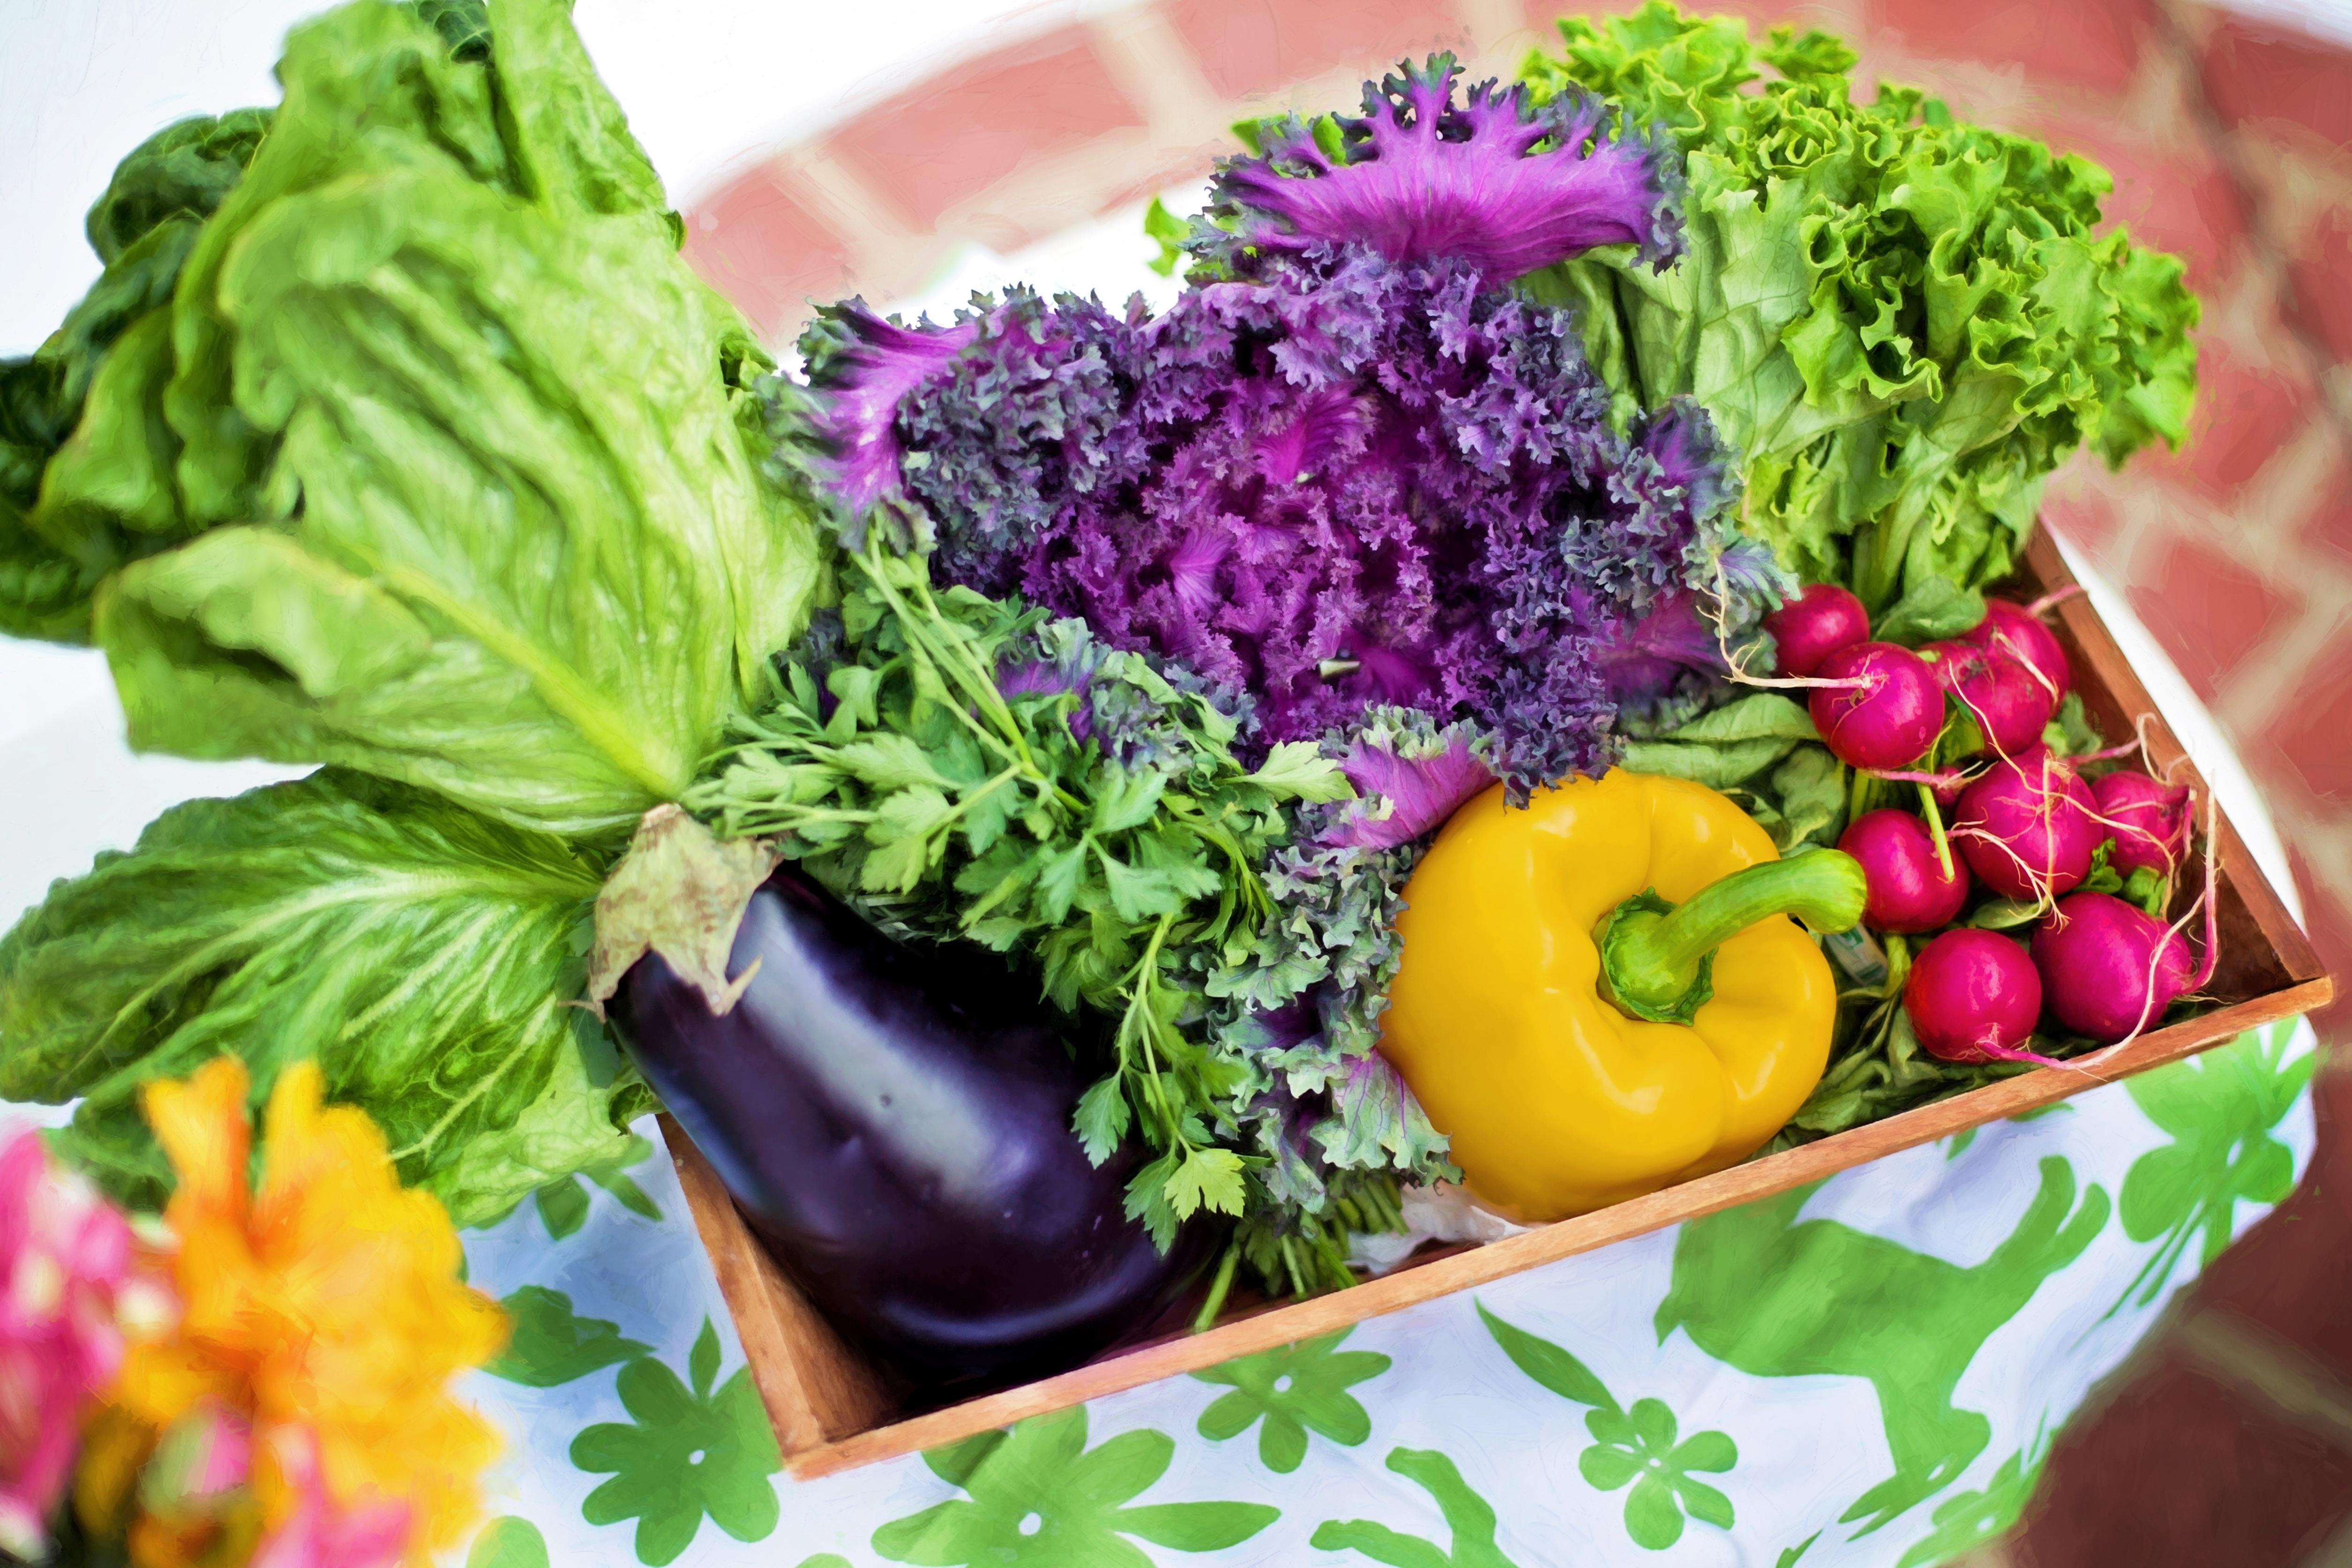 57203 Заставки и Обои Овощи на телефон. Скачать Еда, Овощи, Зелень, Корзина картинки бесплатно